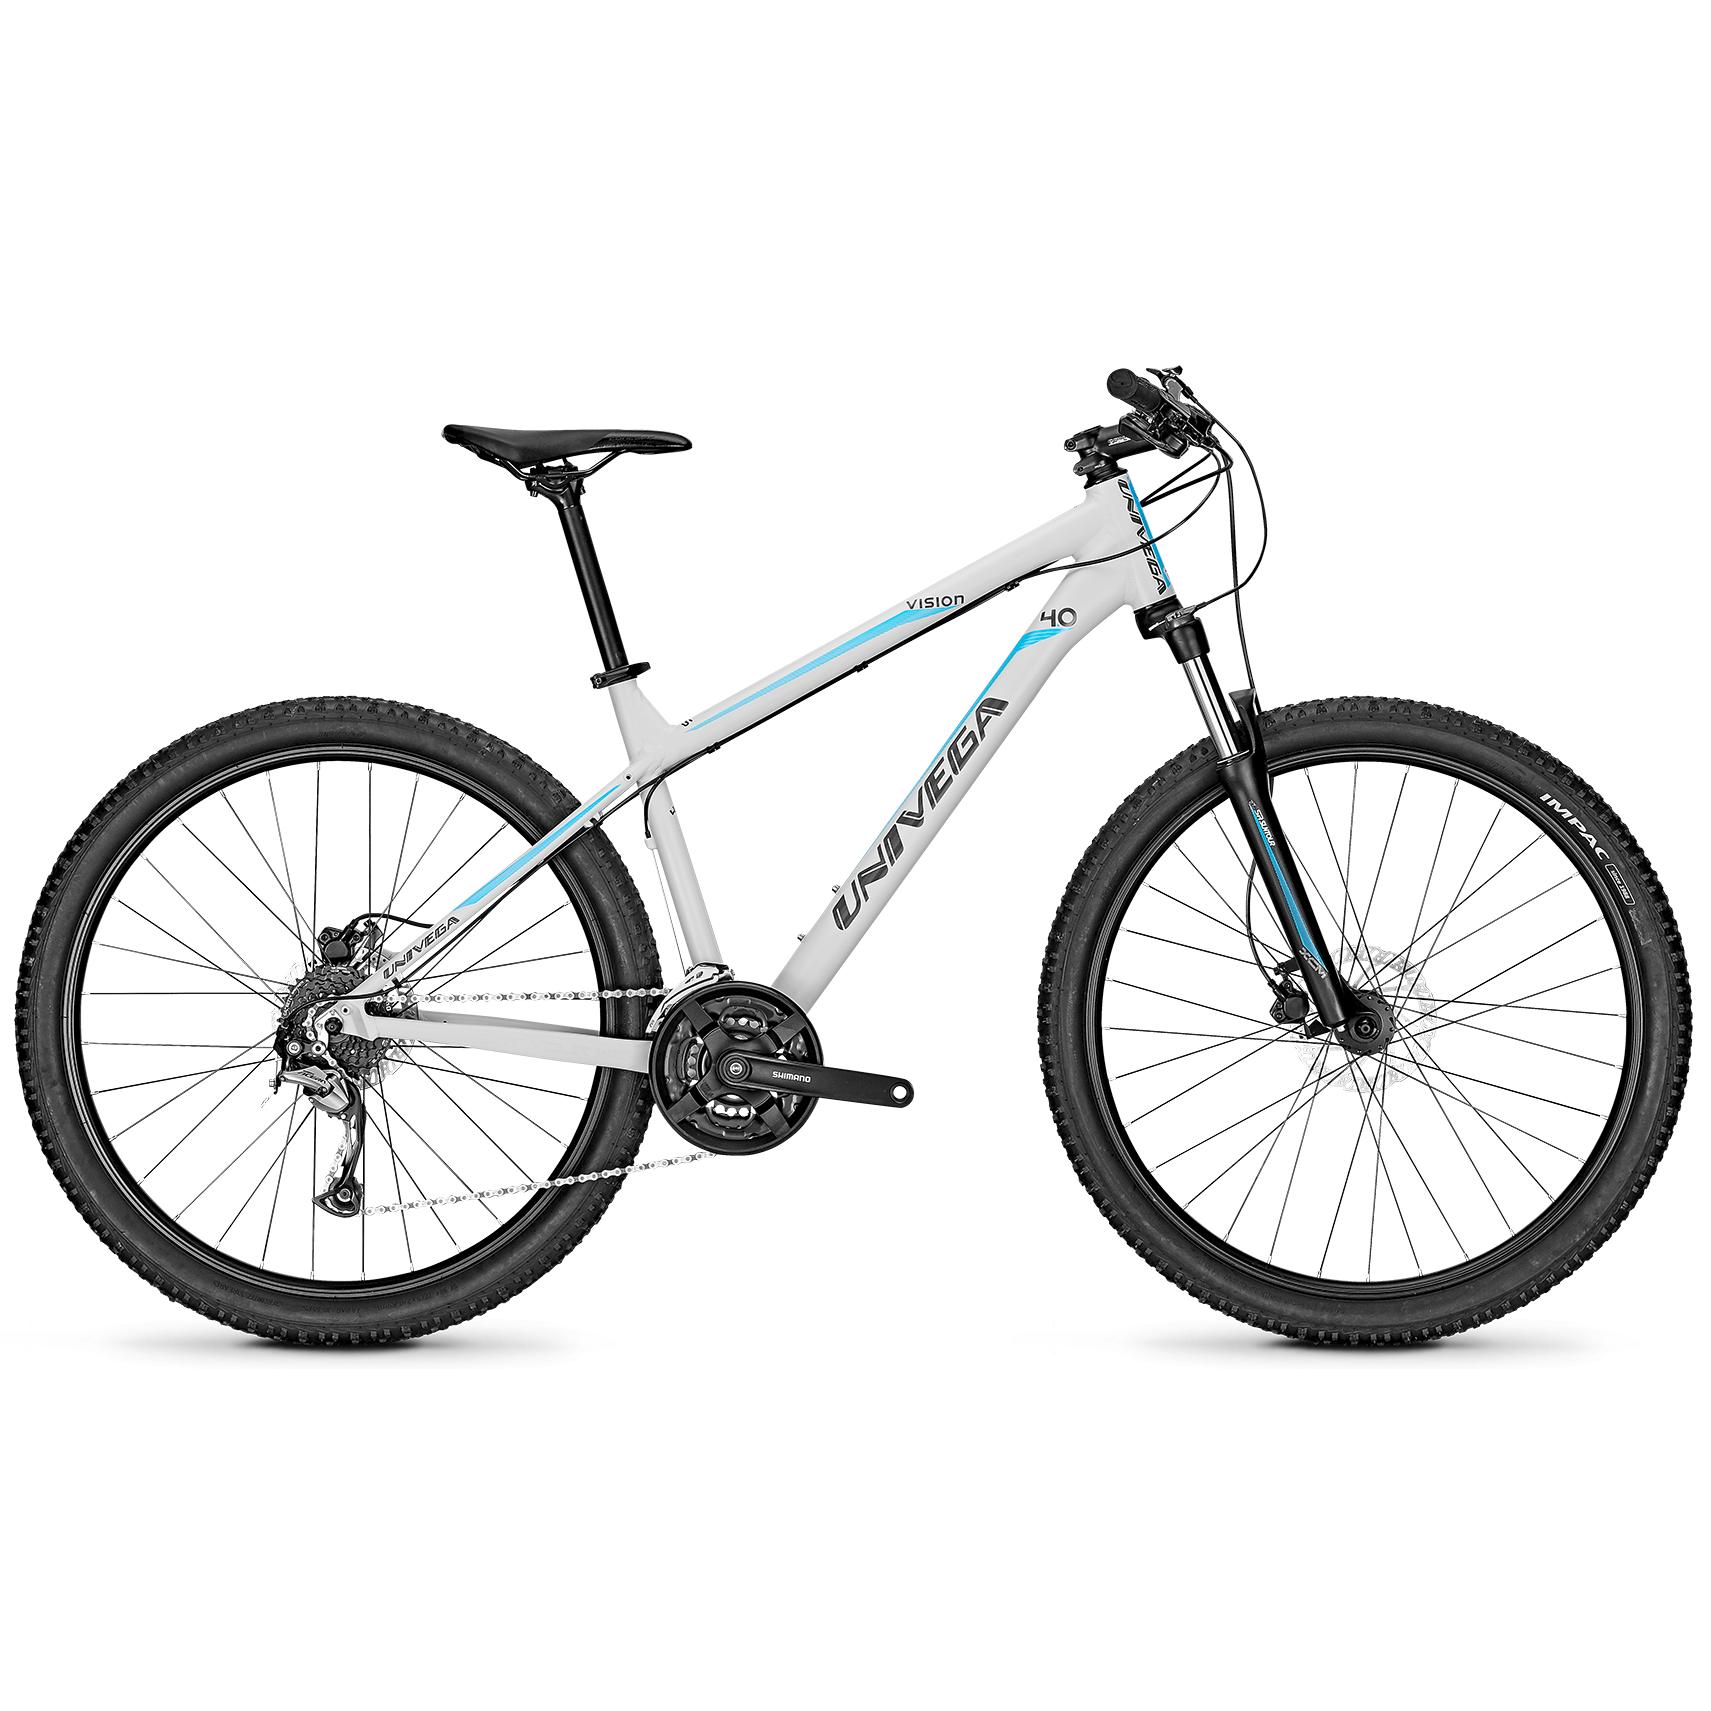 Велосипед Univega Vision 4.0 2018 Cool Grey Matt